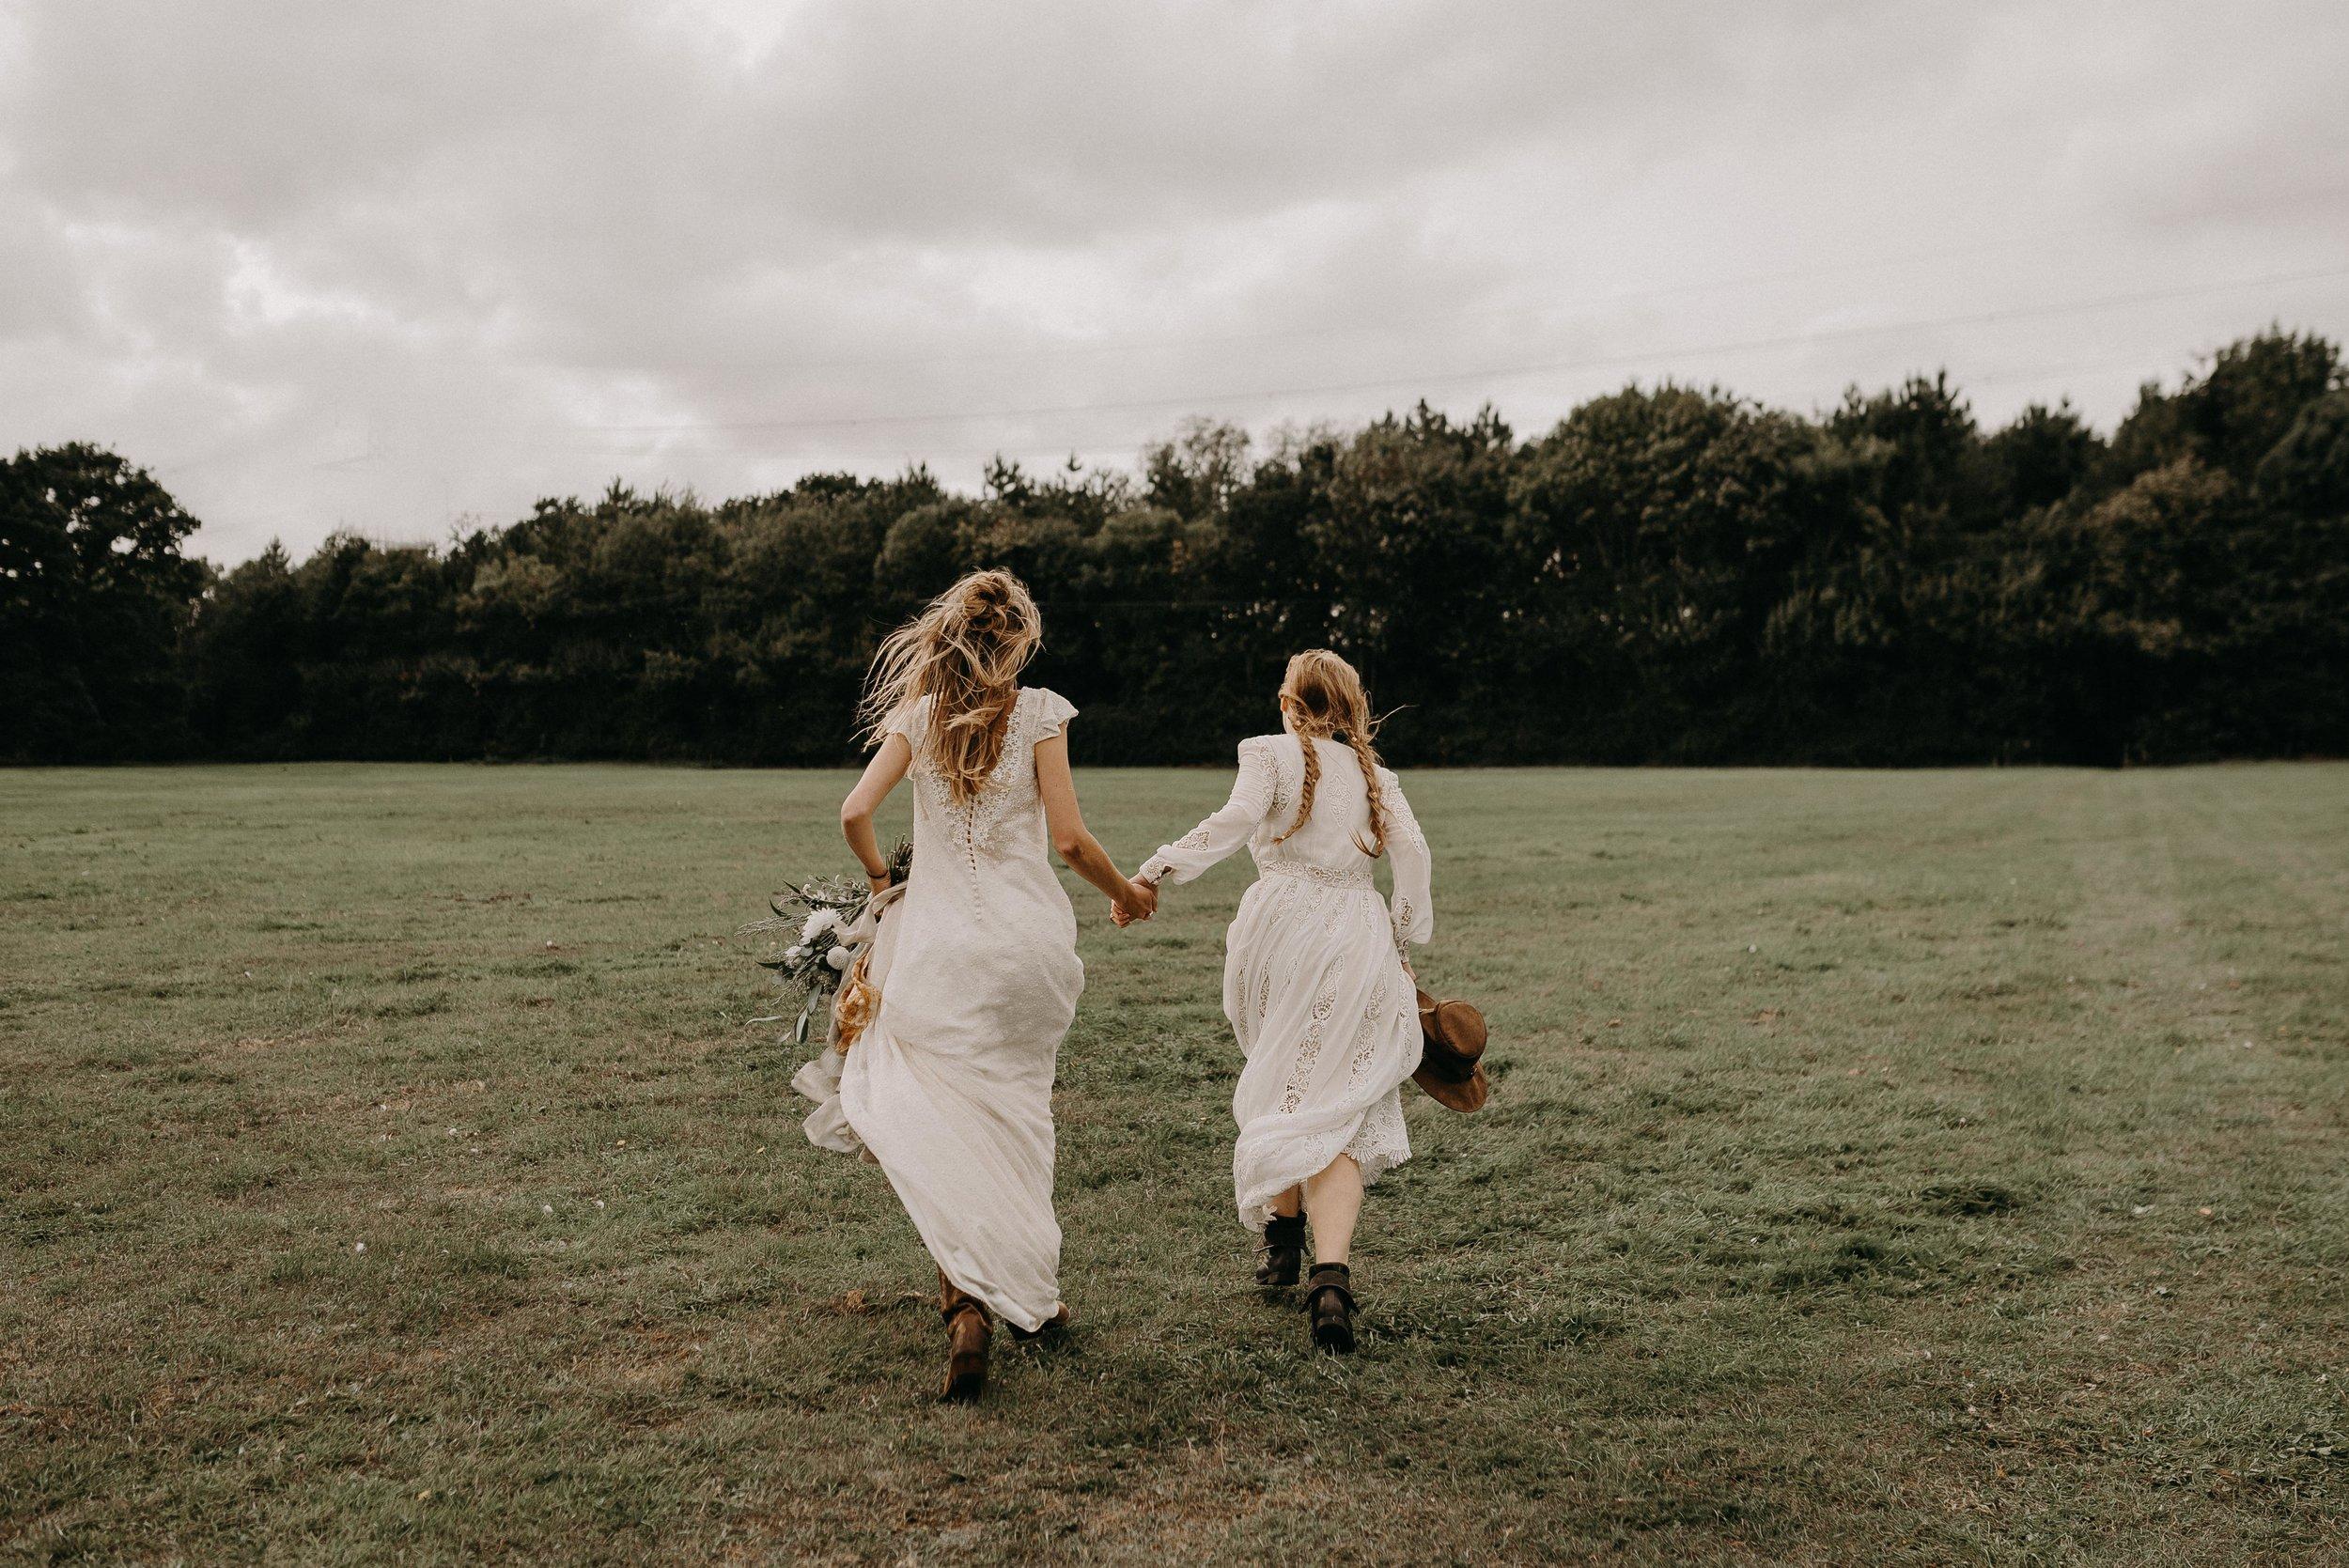 chalkney-water-meadows-styled-shoot-322.jpg